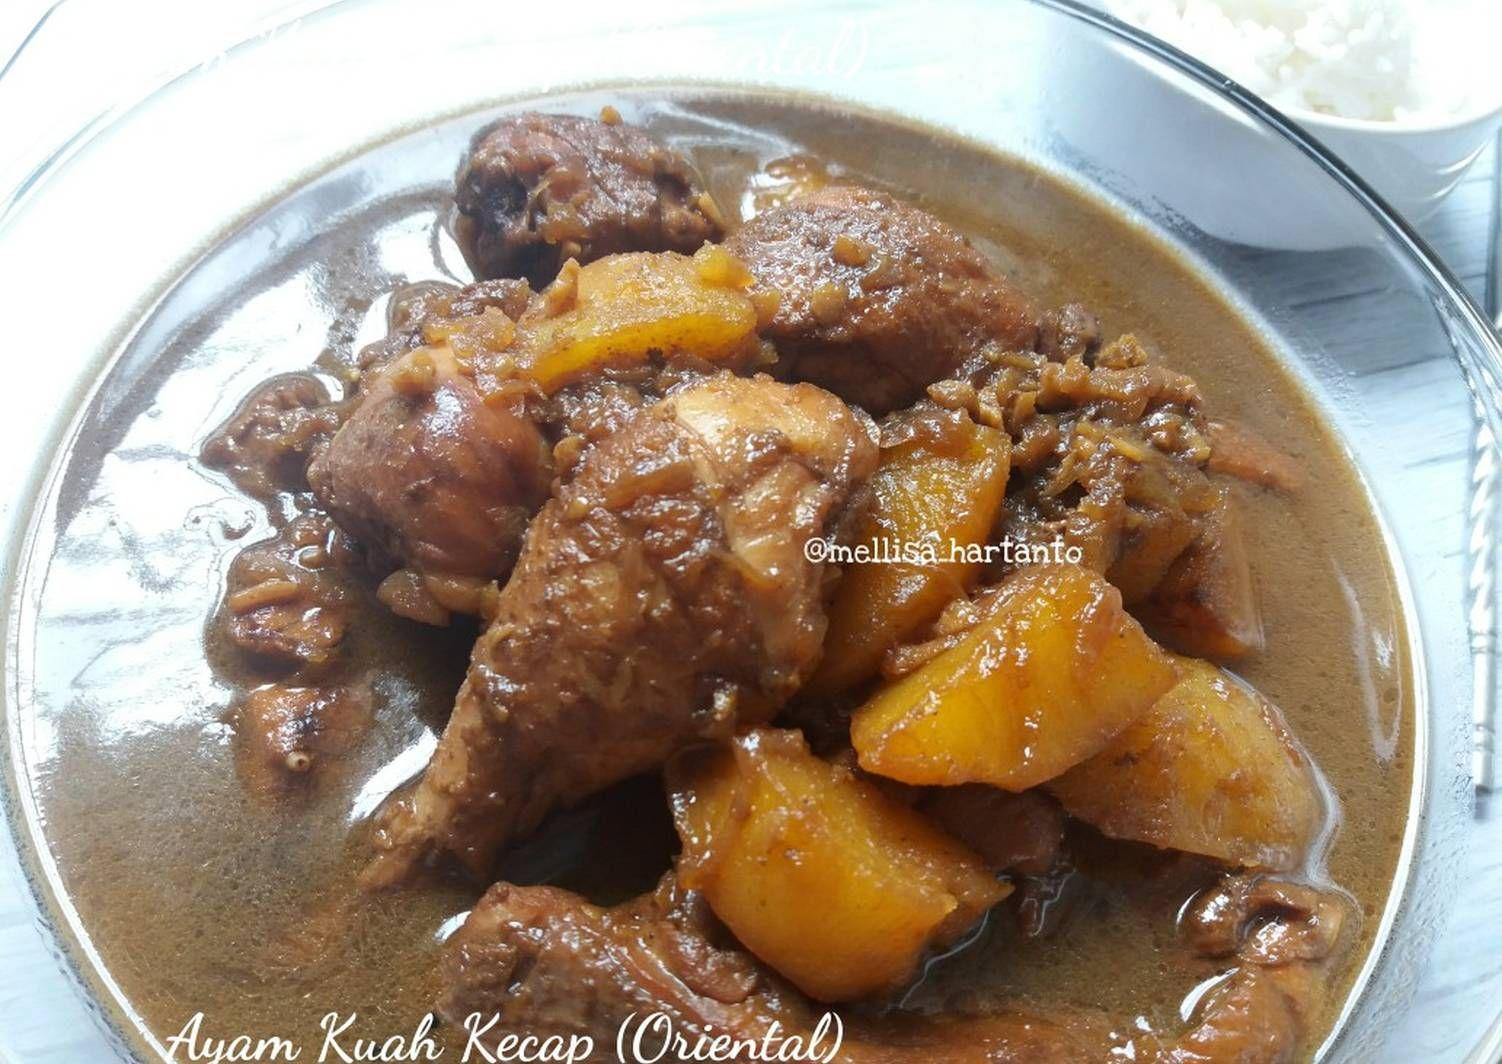 Resep Ayam Kuah Kecap Oriental Oleh Melz Kitchen Resep Resep Ayam Resep Masakan